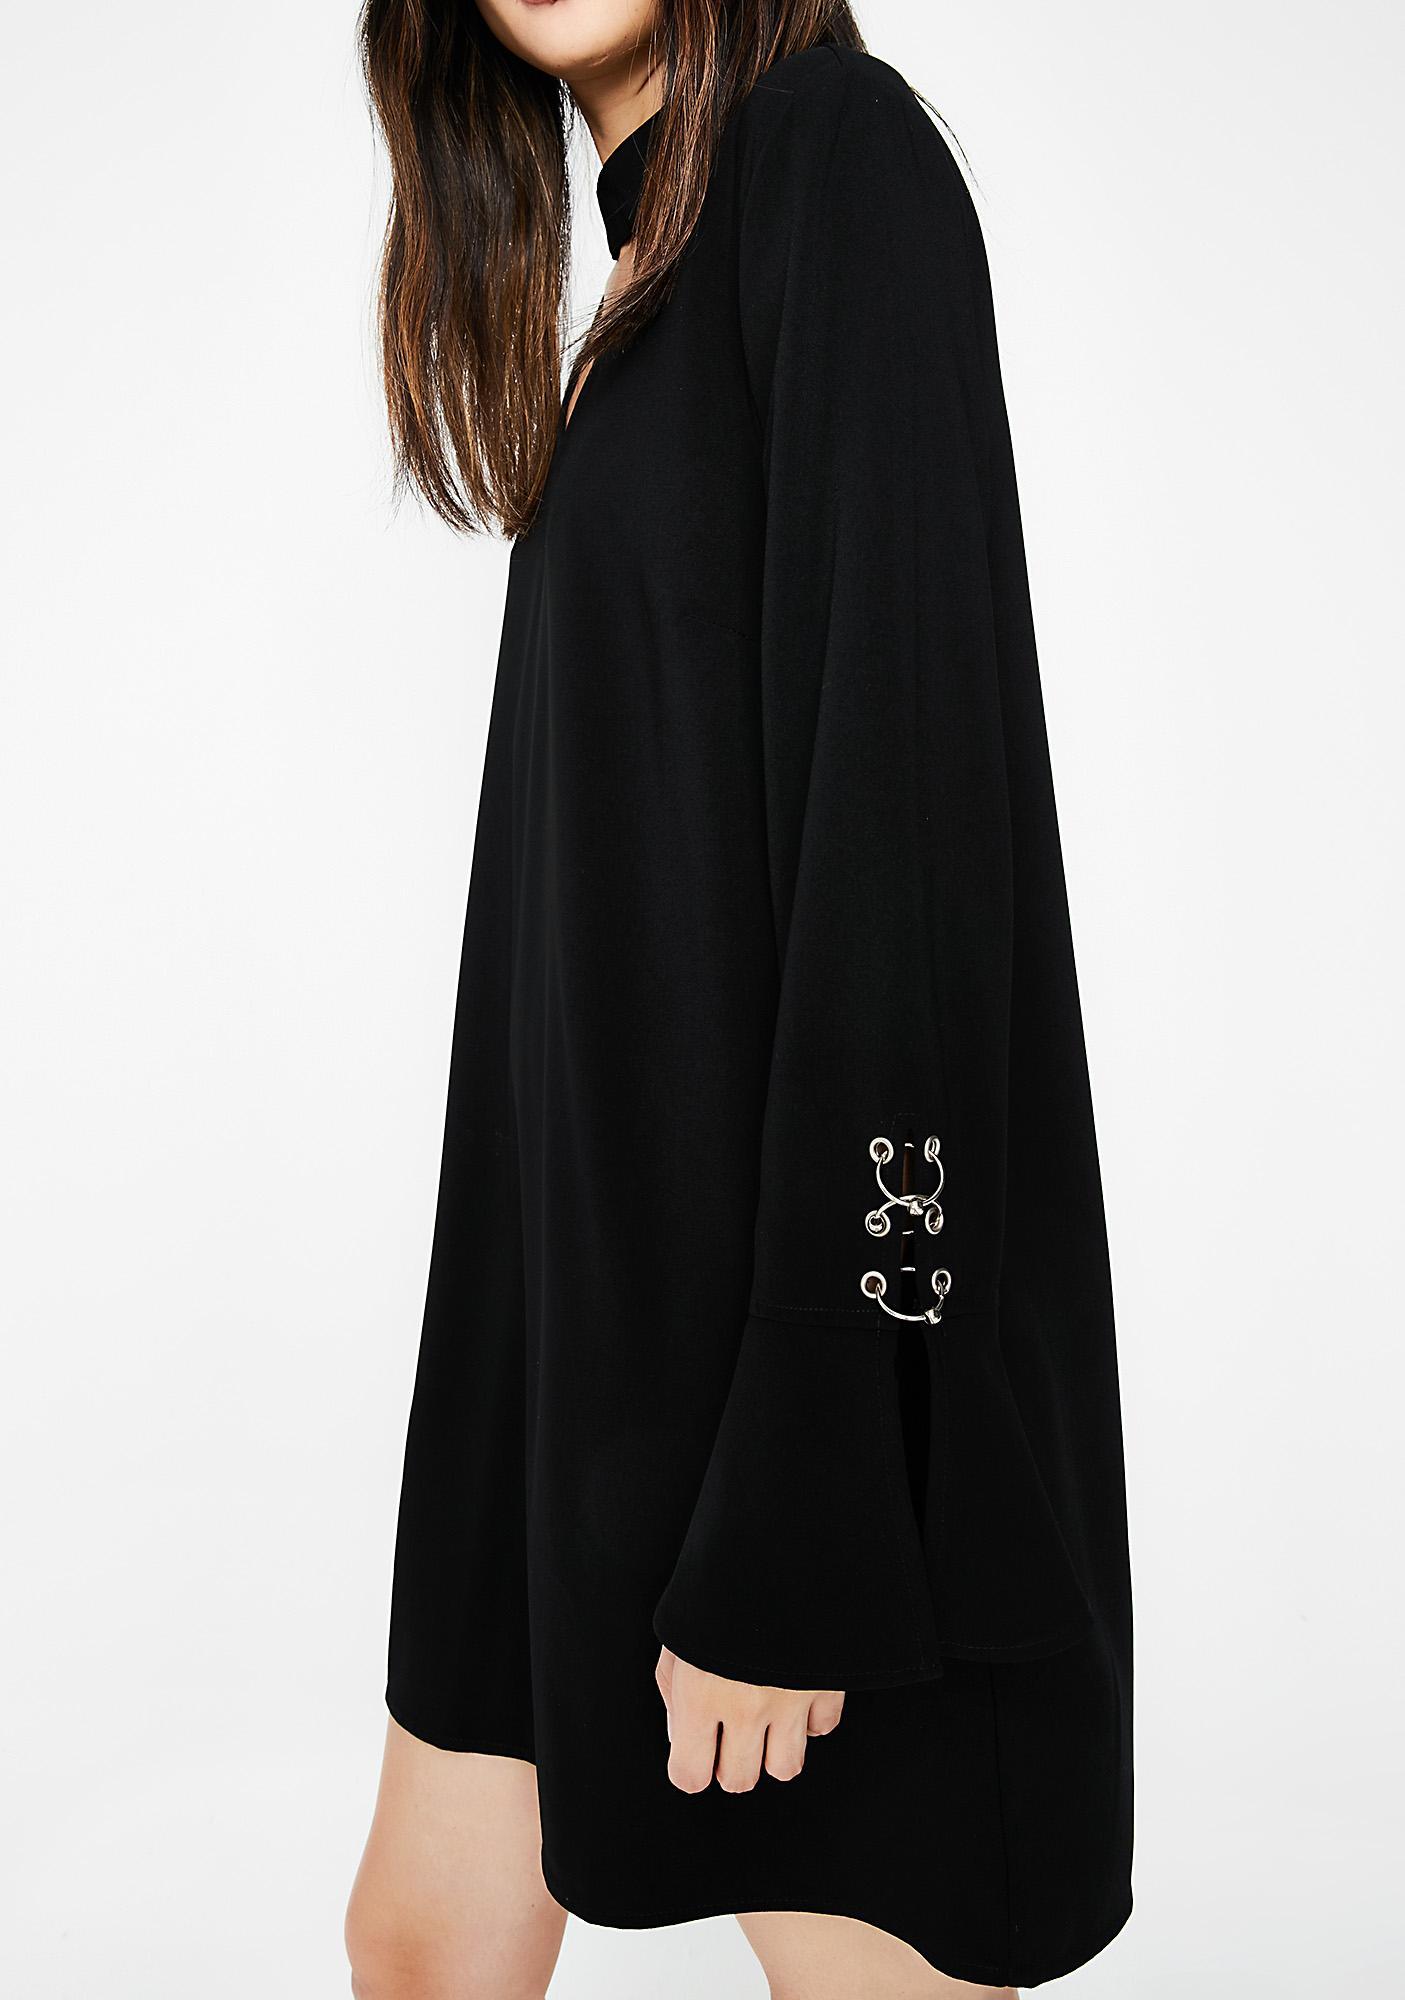 Cold Little Heart Pierced Dress